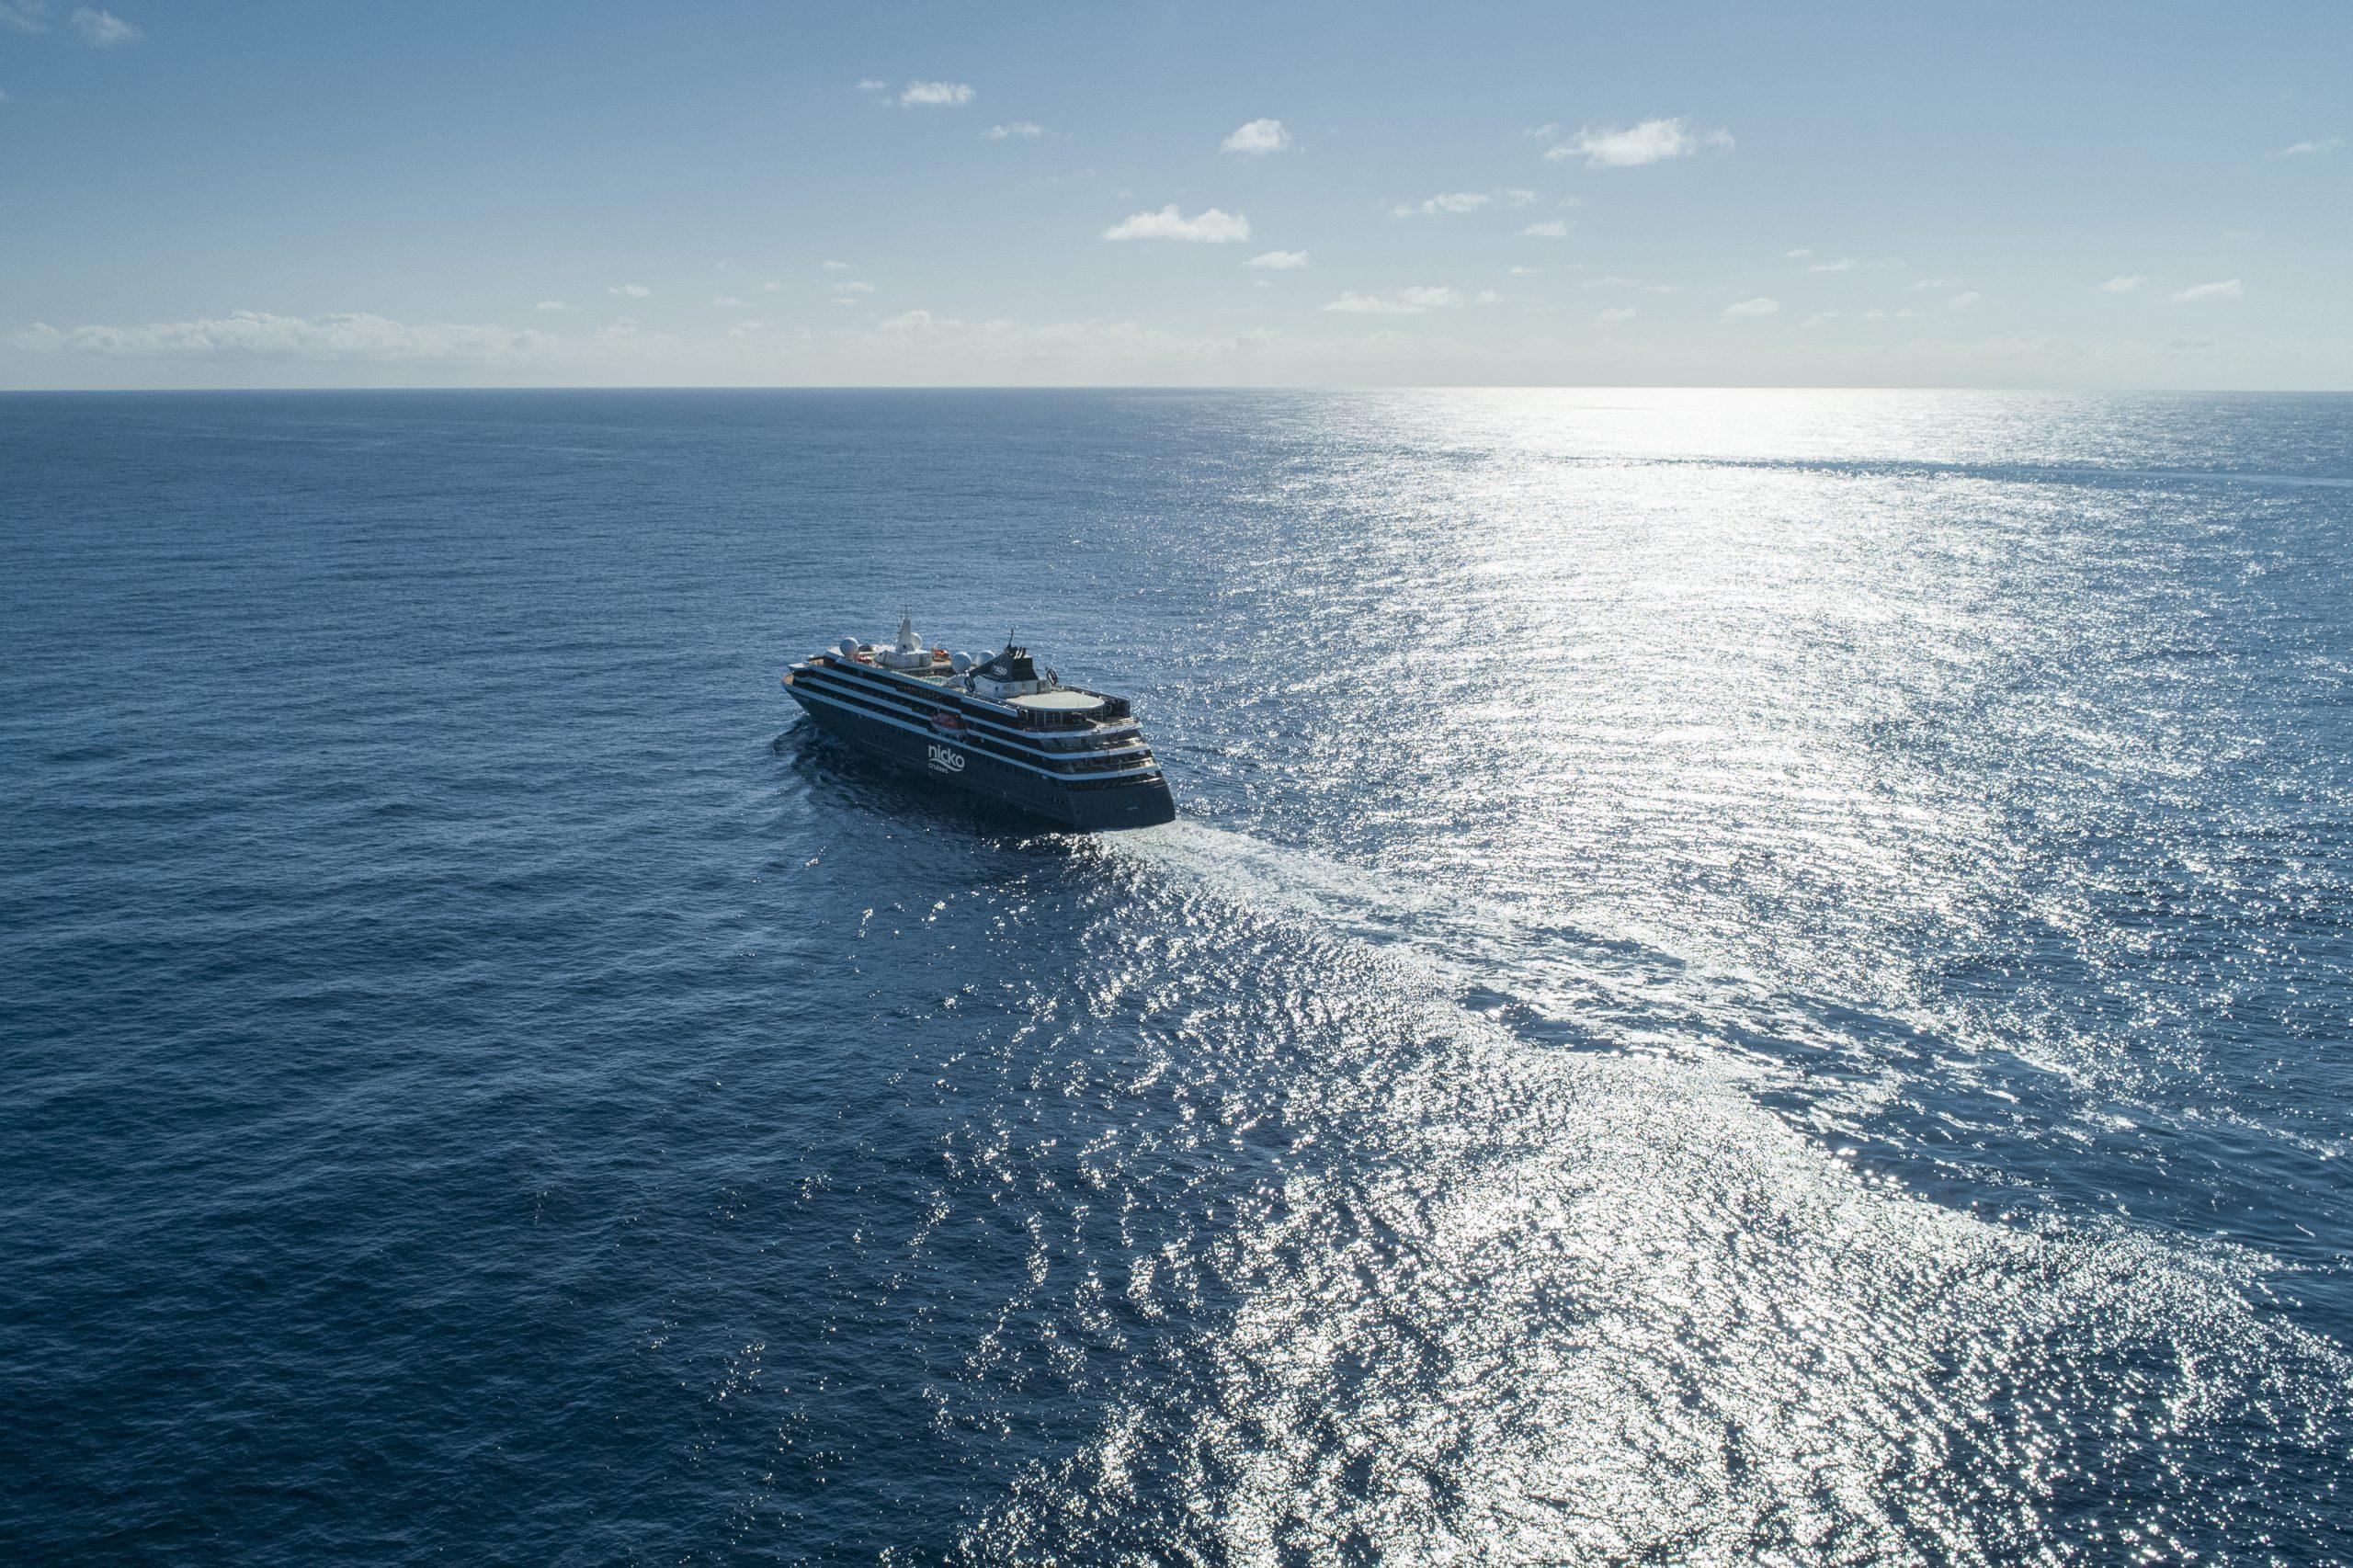 nicko cruises begrüßt auf dem Neubau WORLD VOYAGER seine ersten Gäste zur langersehnten Jungfernfahrt am 10. April 2021